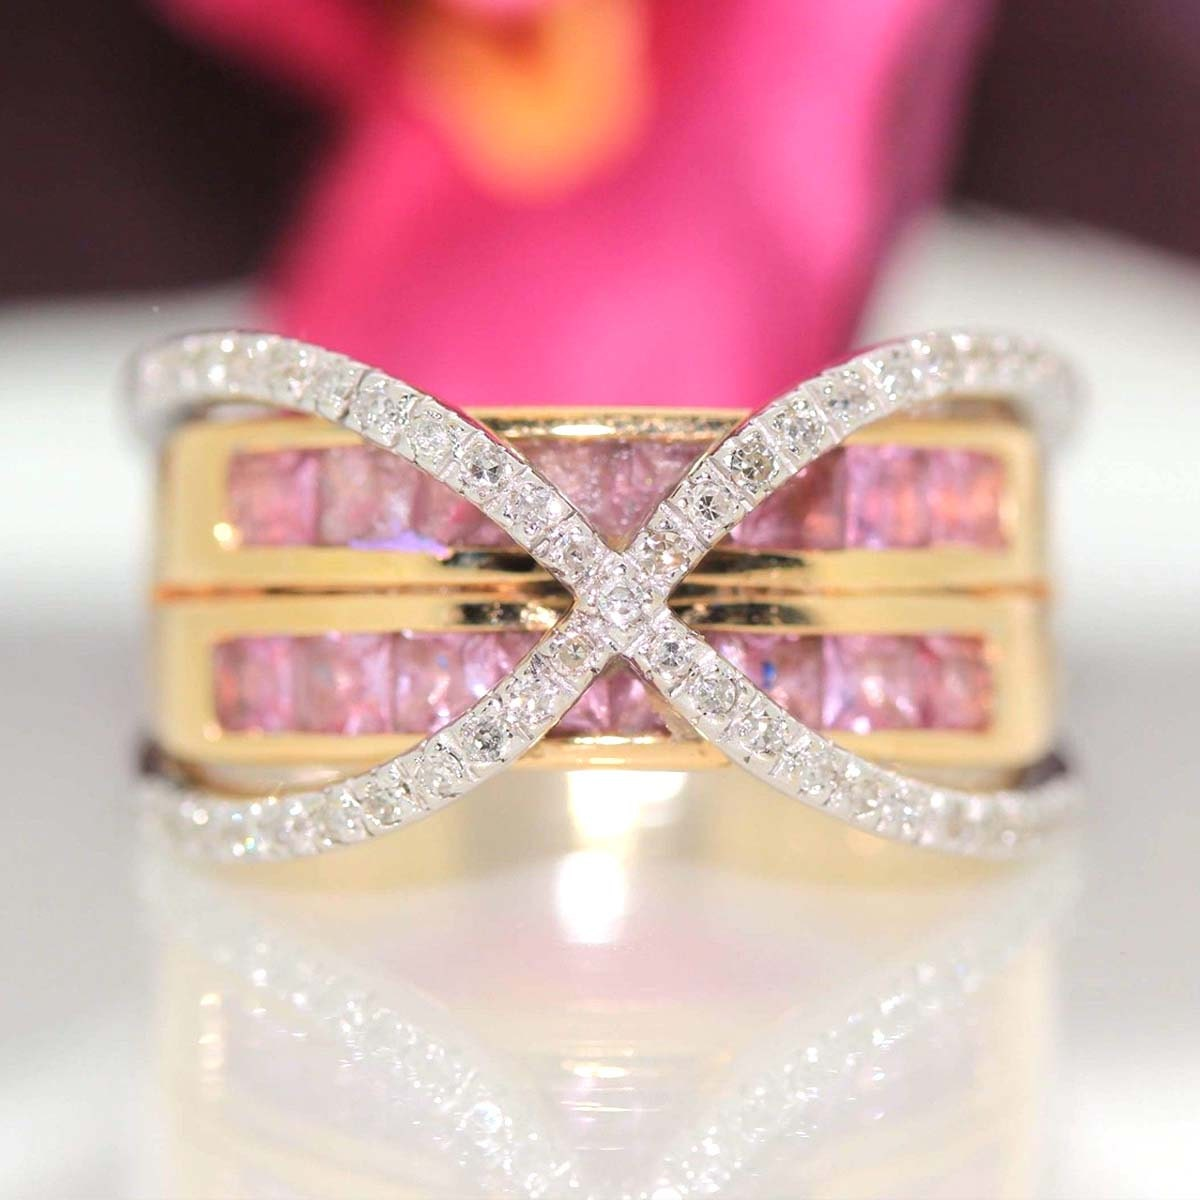 Designer John C Riker 14k Yellow gold Natural Pink Tourmaline